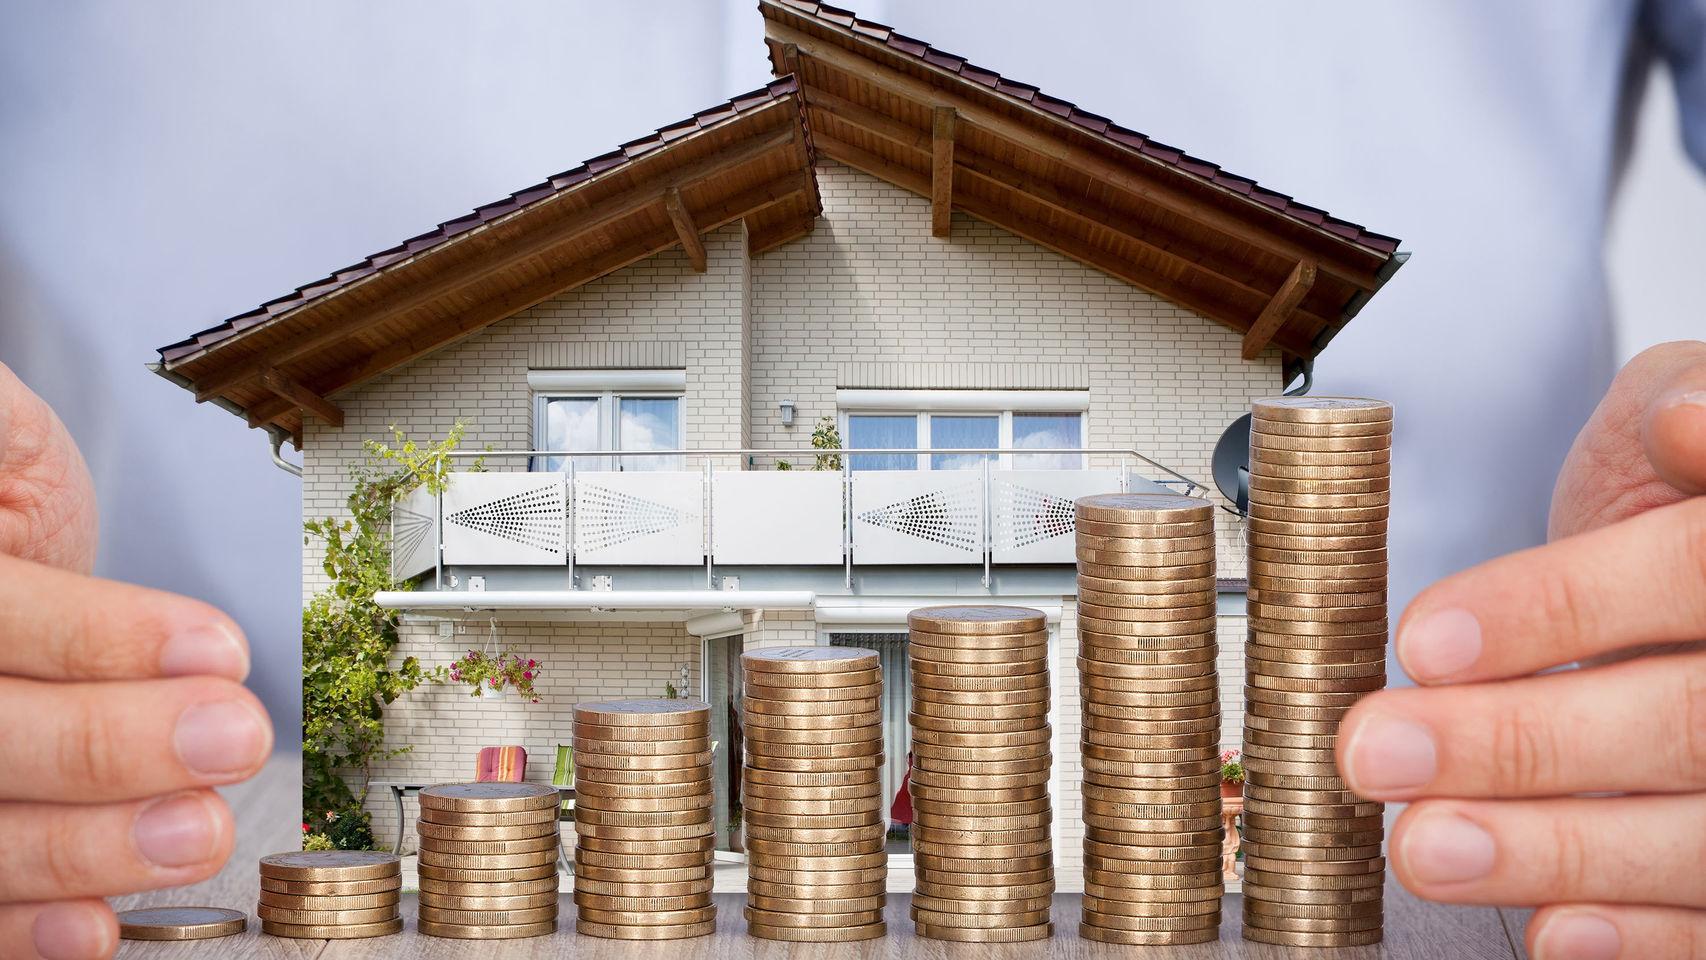 La ruina de una hipoteca inversa a los 80 años: «He tenido que pagar  800.000 euros para cancelarla» - Eje21